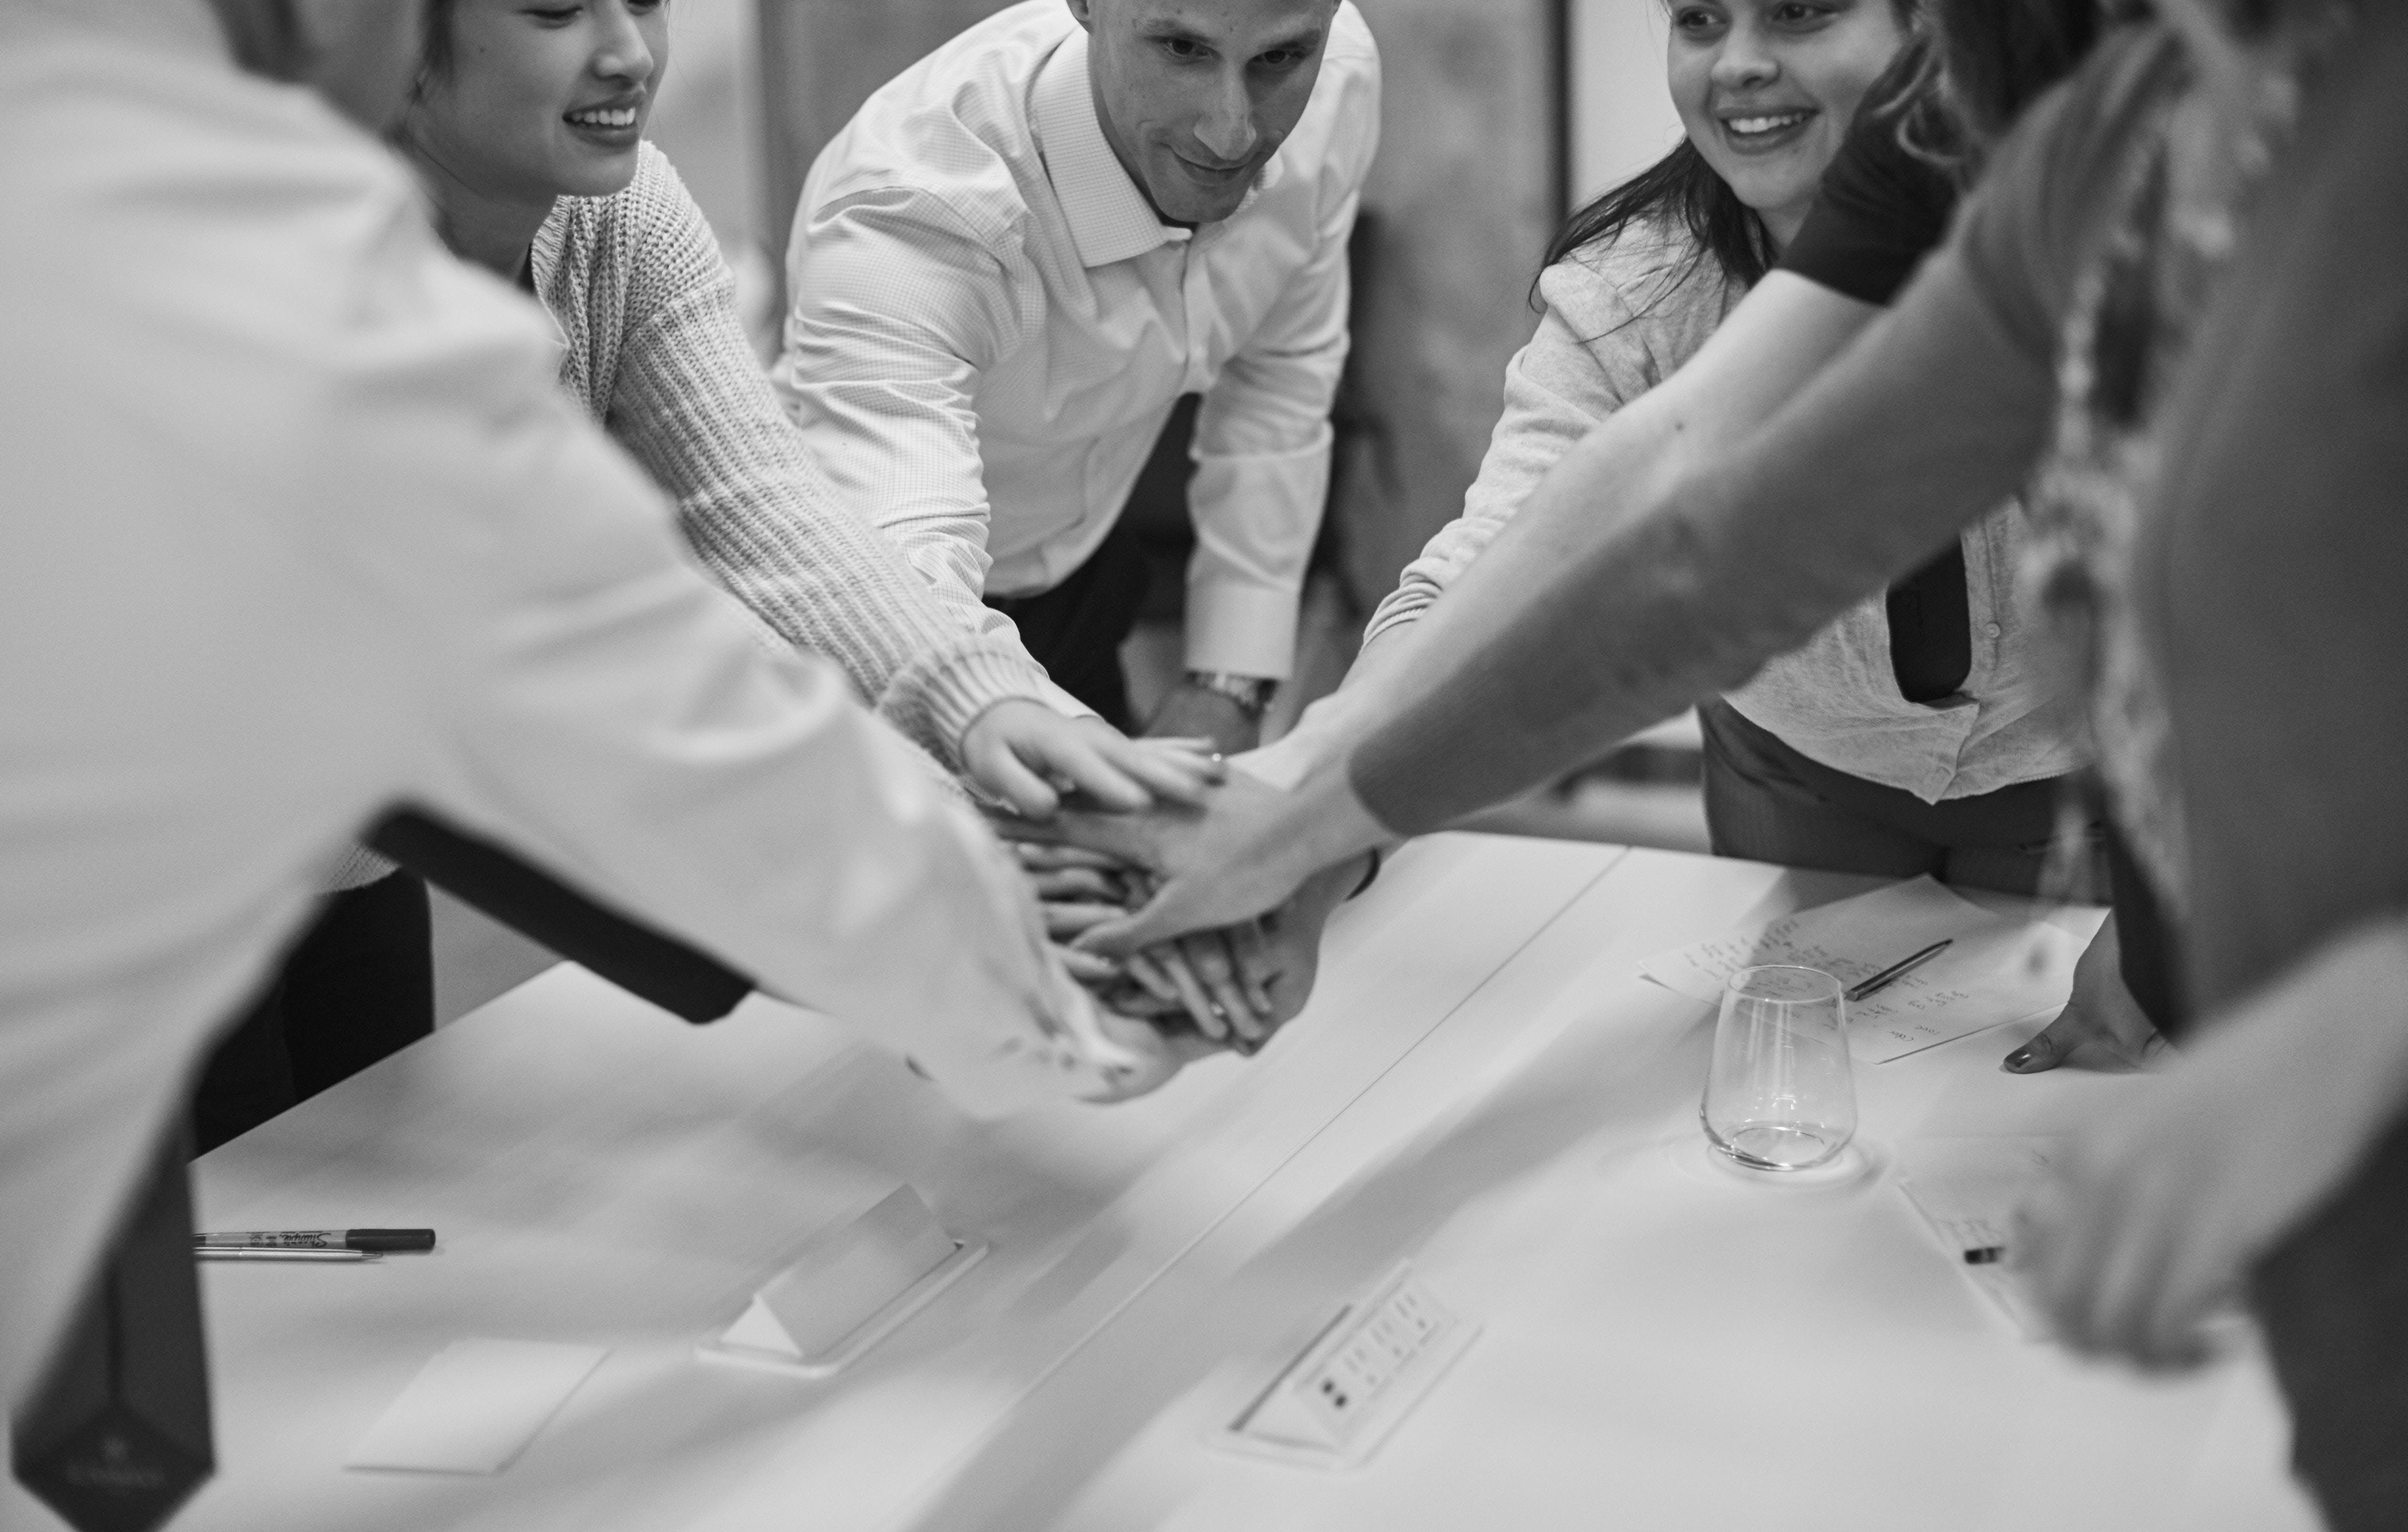 L'Atelier Communiquer avec Diplomatie et Tact